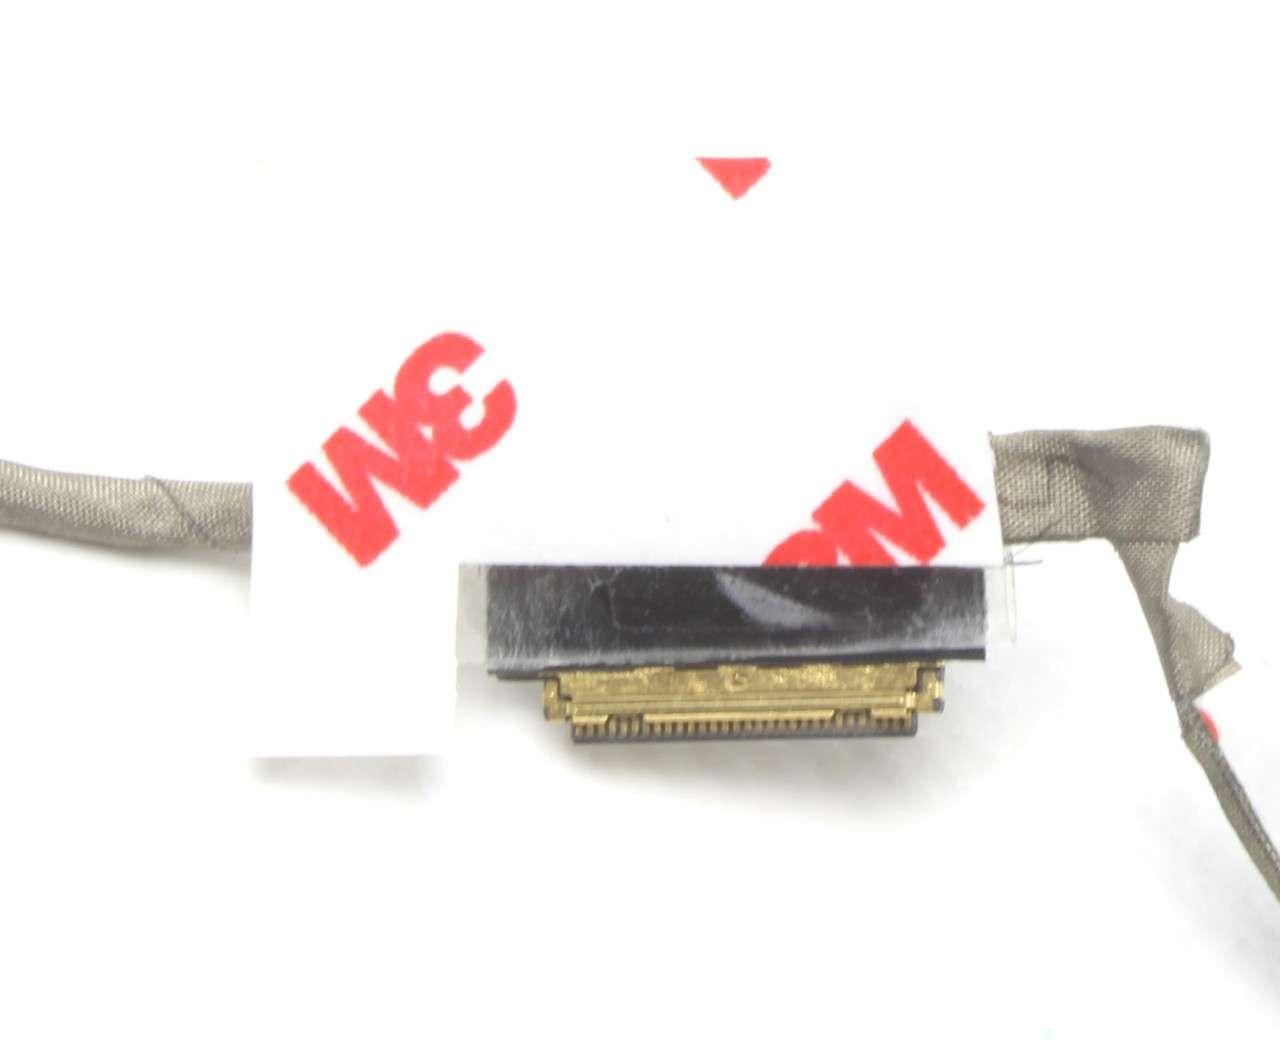 Cablu video LVDS Packard Bell Easynote TE69HW imagine powerlaptop.ro 2021